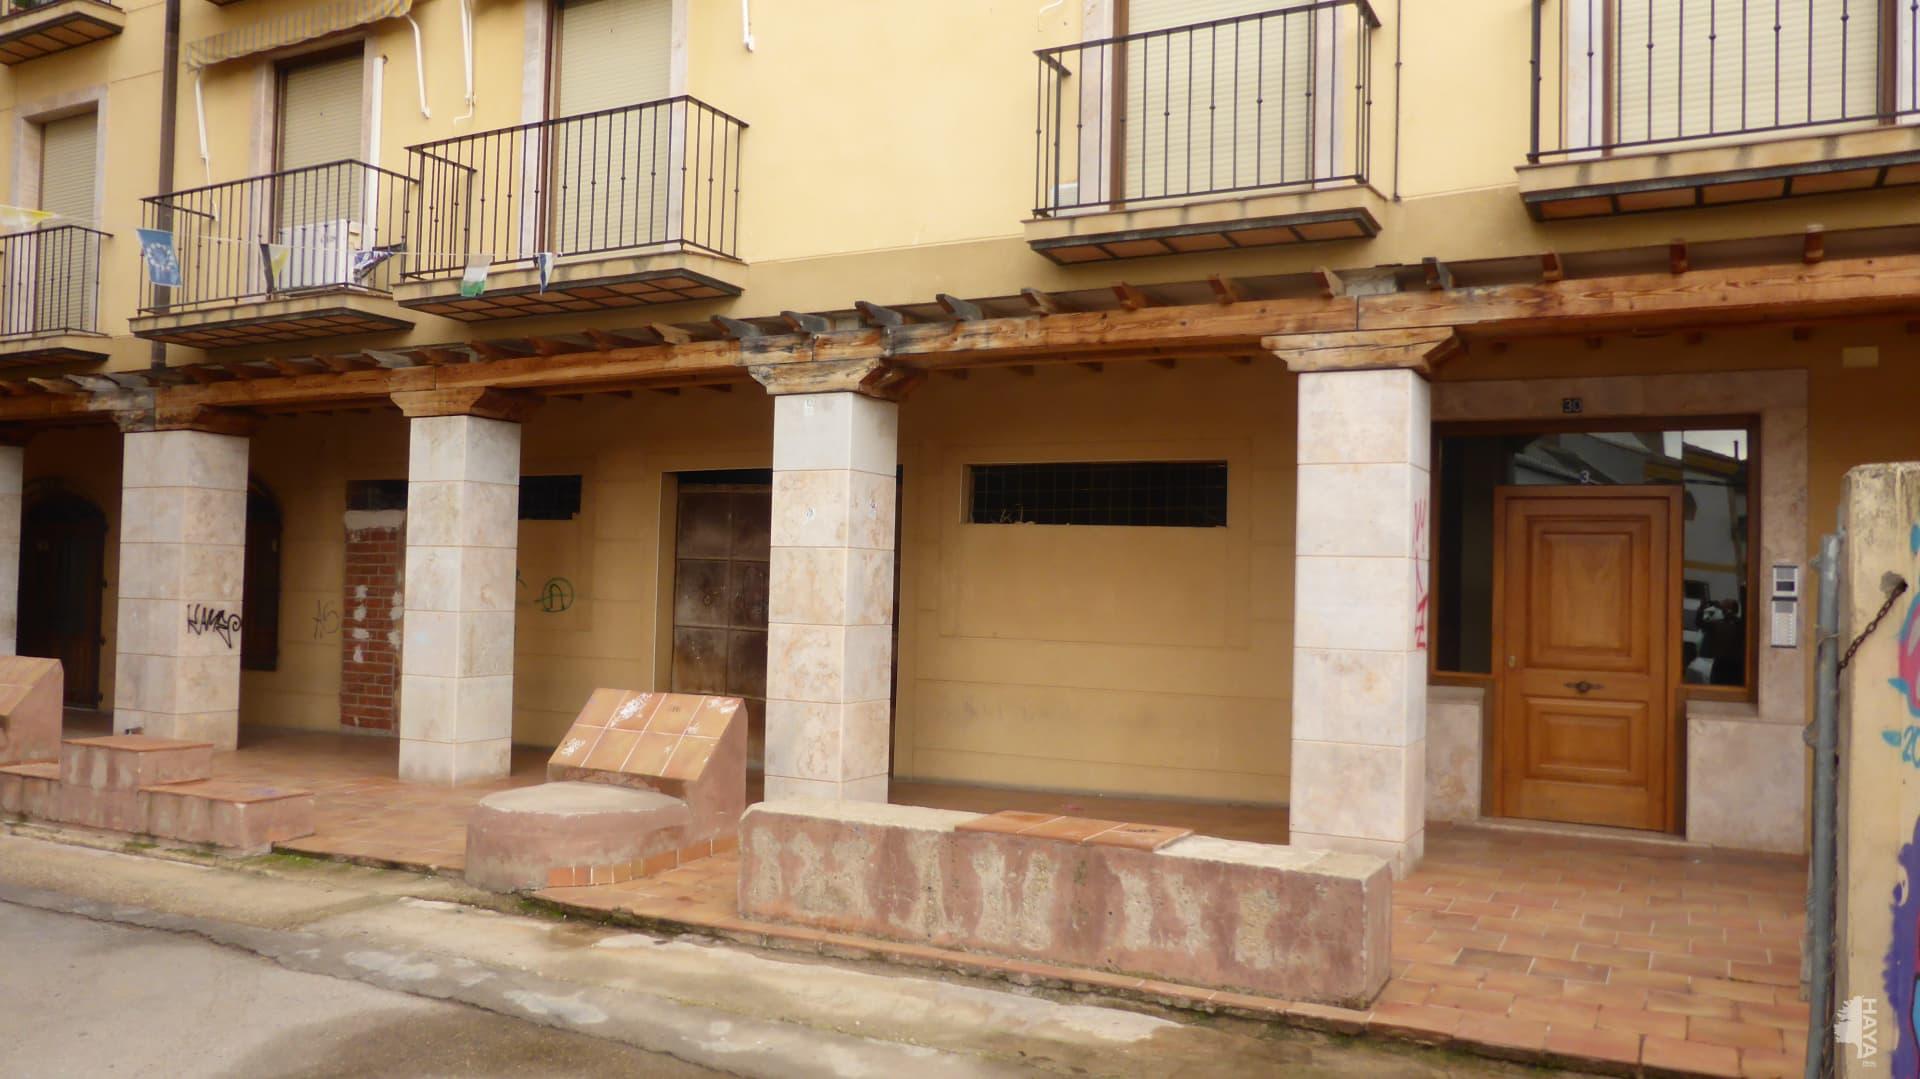 Local en venta en Herencia, Ciudad Real, Calle Mesones, 34.800 €, 111 m2